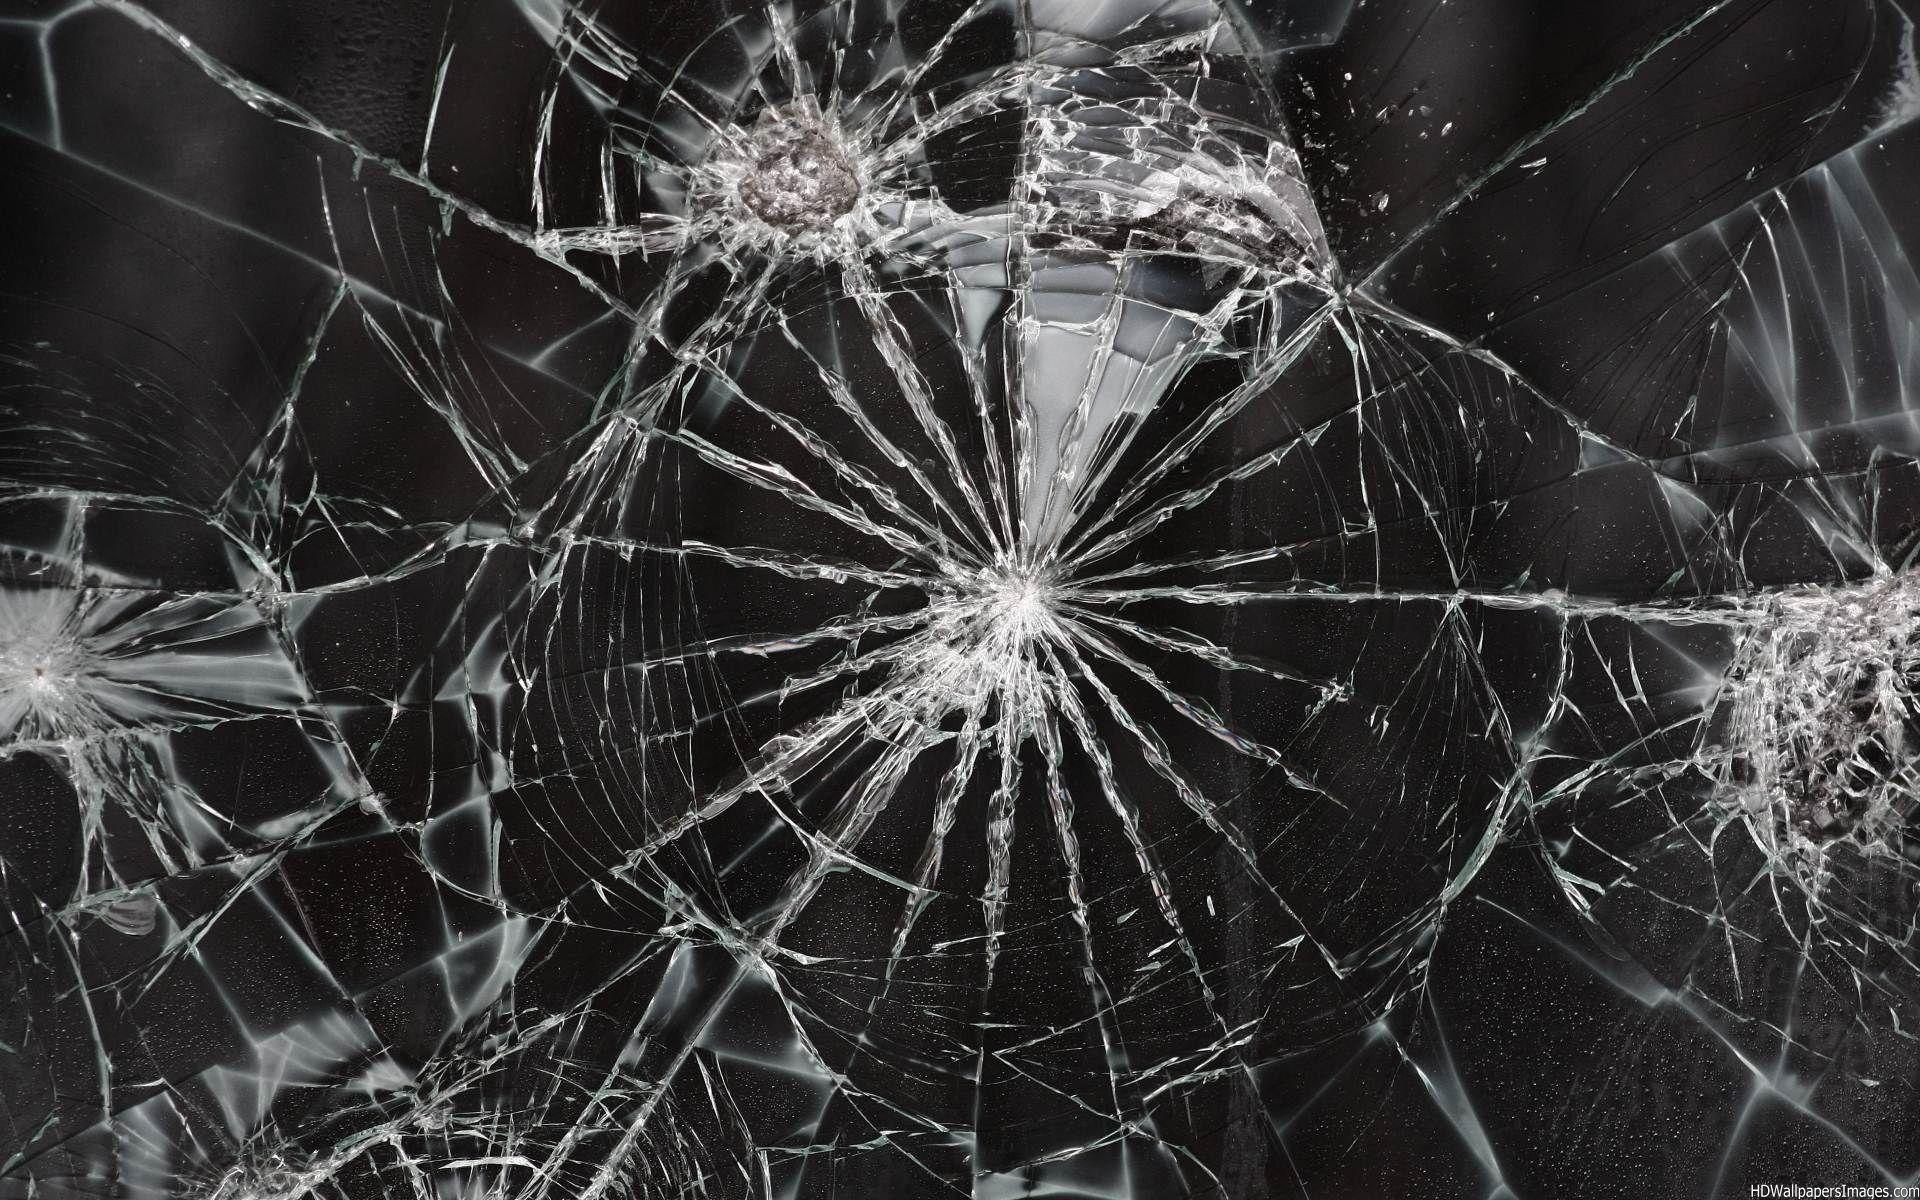 Картинка с разбитым экраном